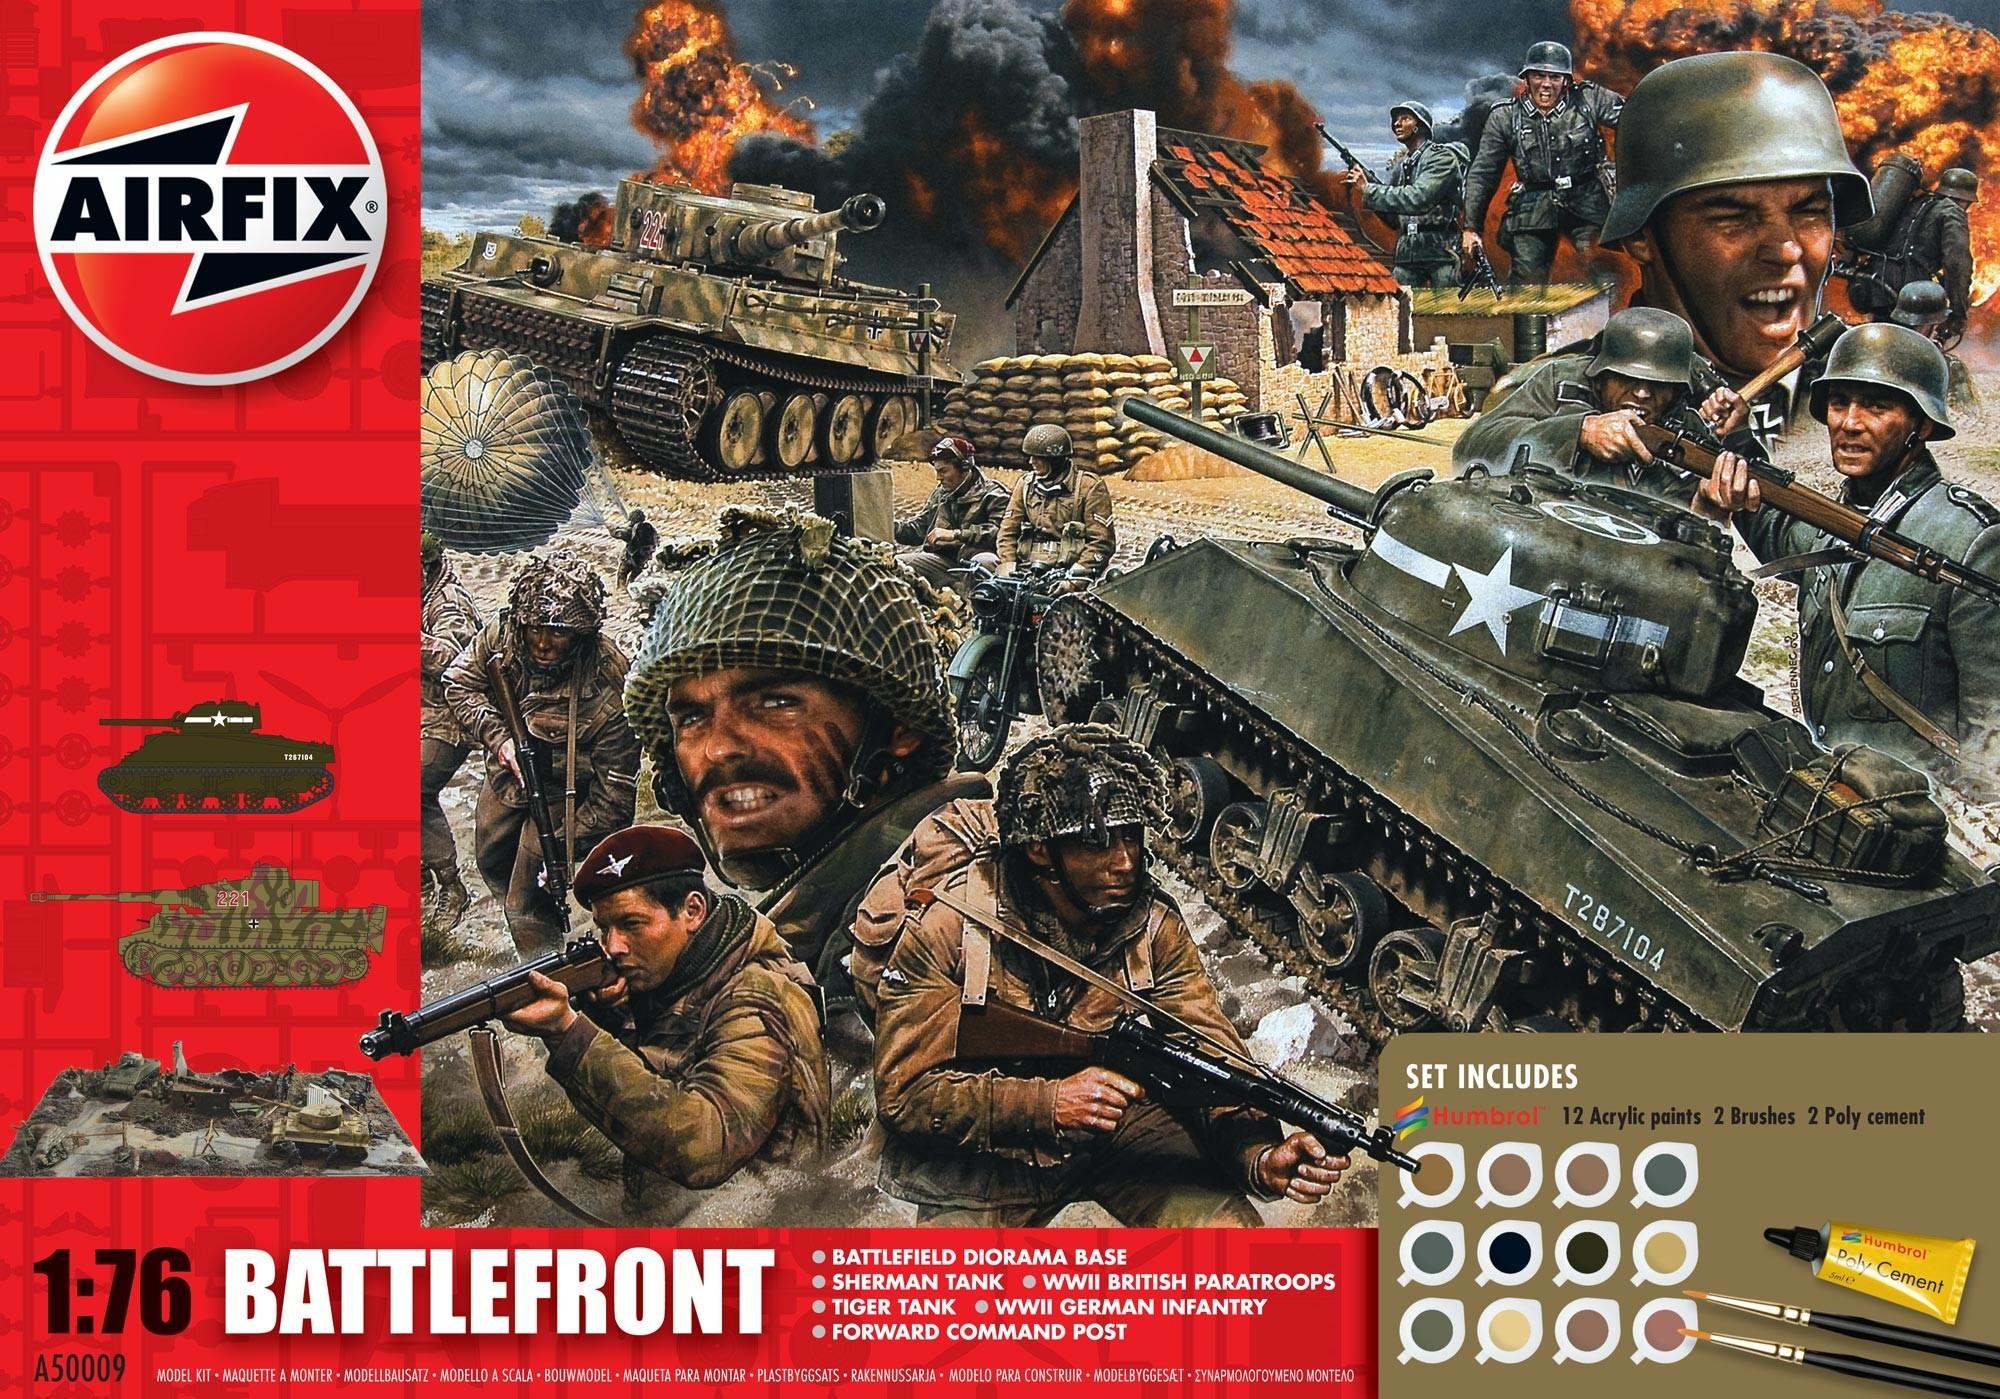 Airfix Battlefront Set - make war not peace